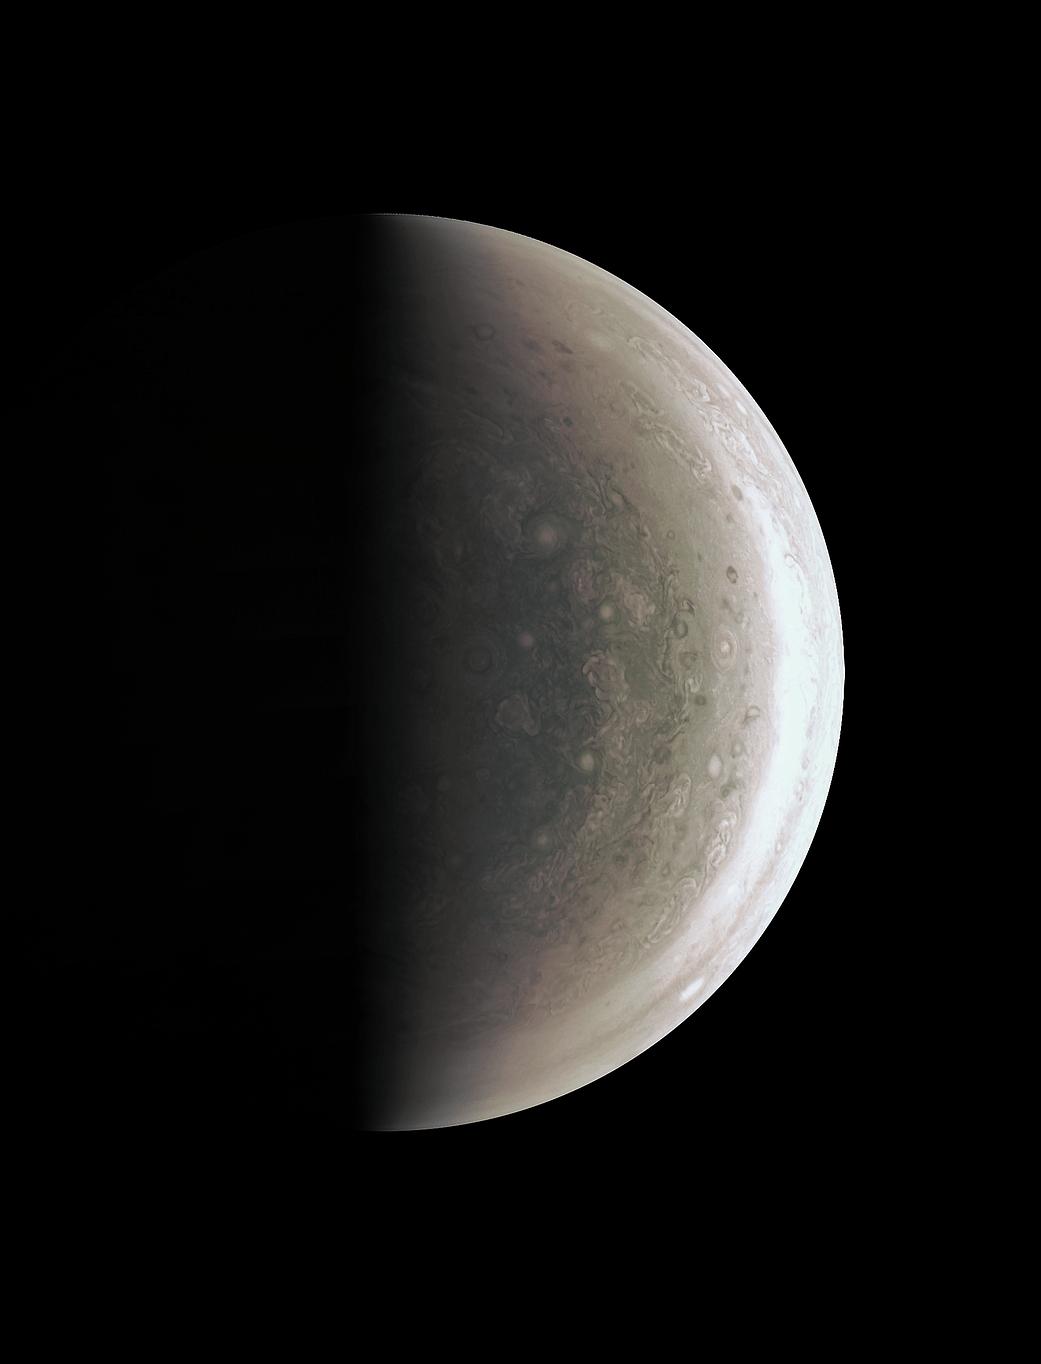 Jupiter's south polar region